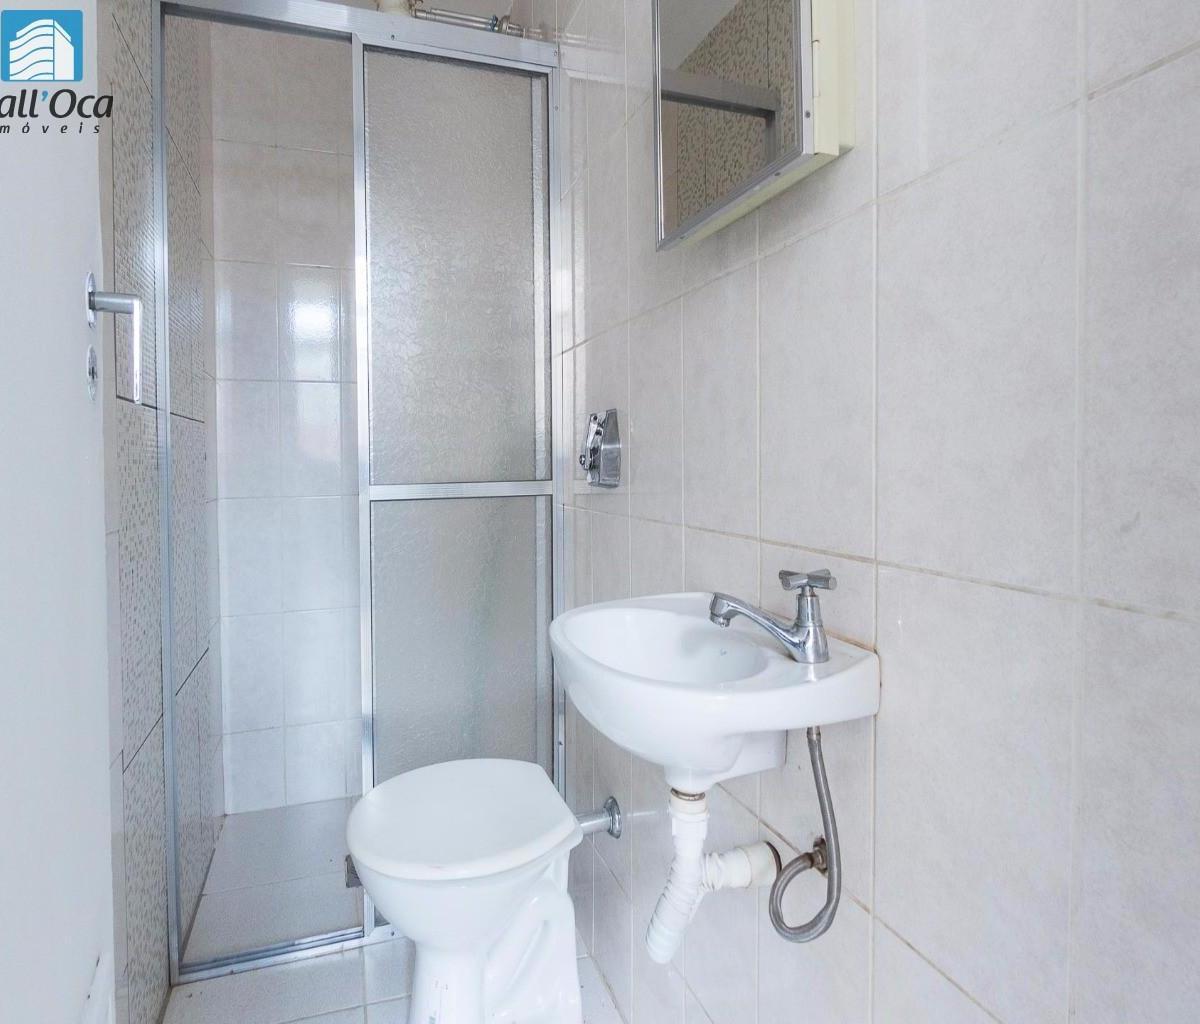 Imagens de #257CA6 Apartamento para aluguel com 3 Quartos Asa Norte Brasília R$ 2  1200x1024 px 3560 Blindex Banheiro Asa Norte